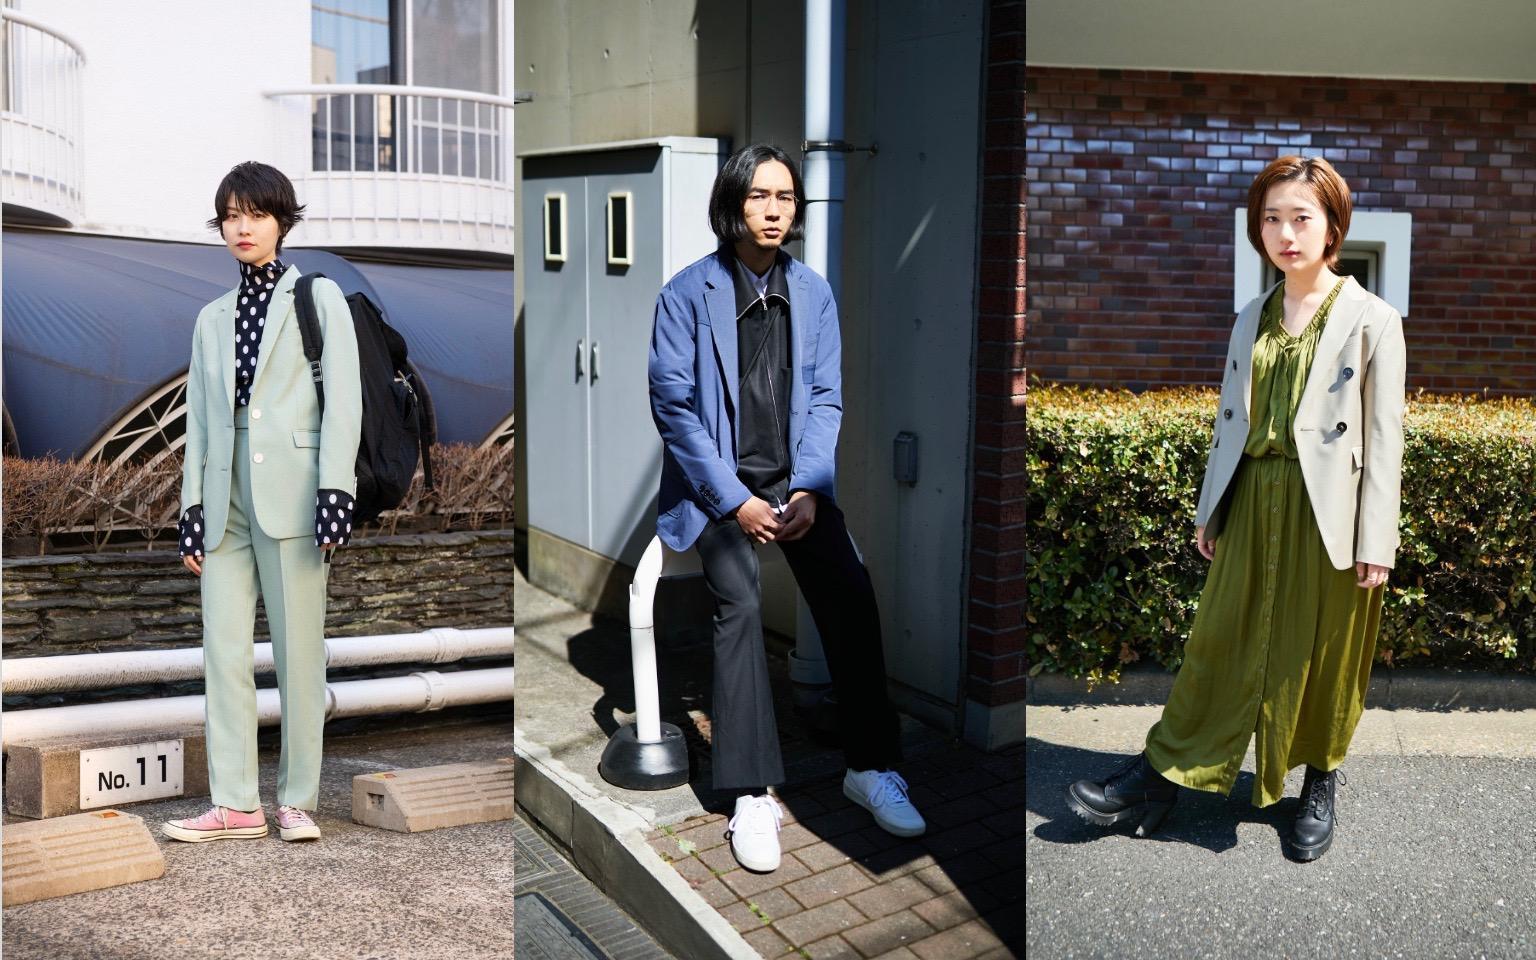 JACKET OWN STYLE 私たちが選ぶジャケットスタイル